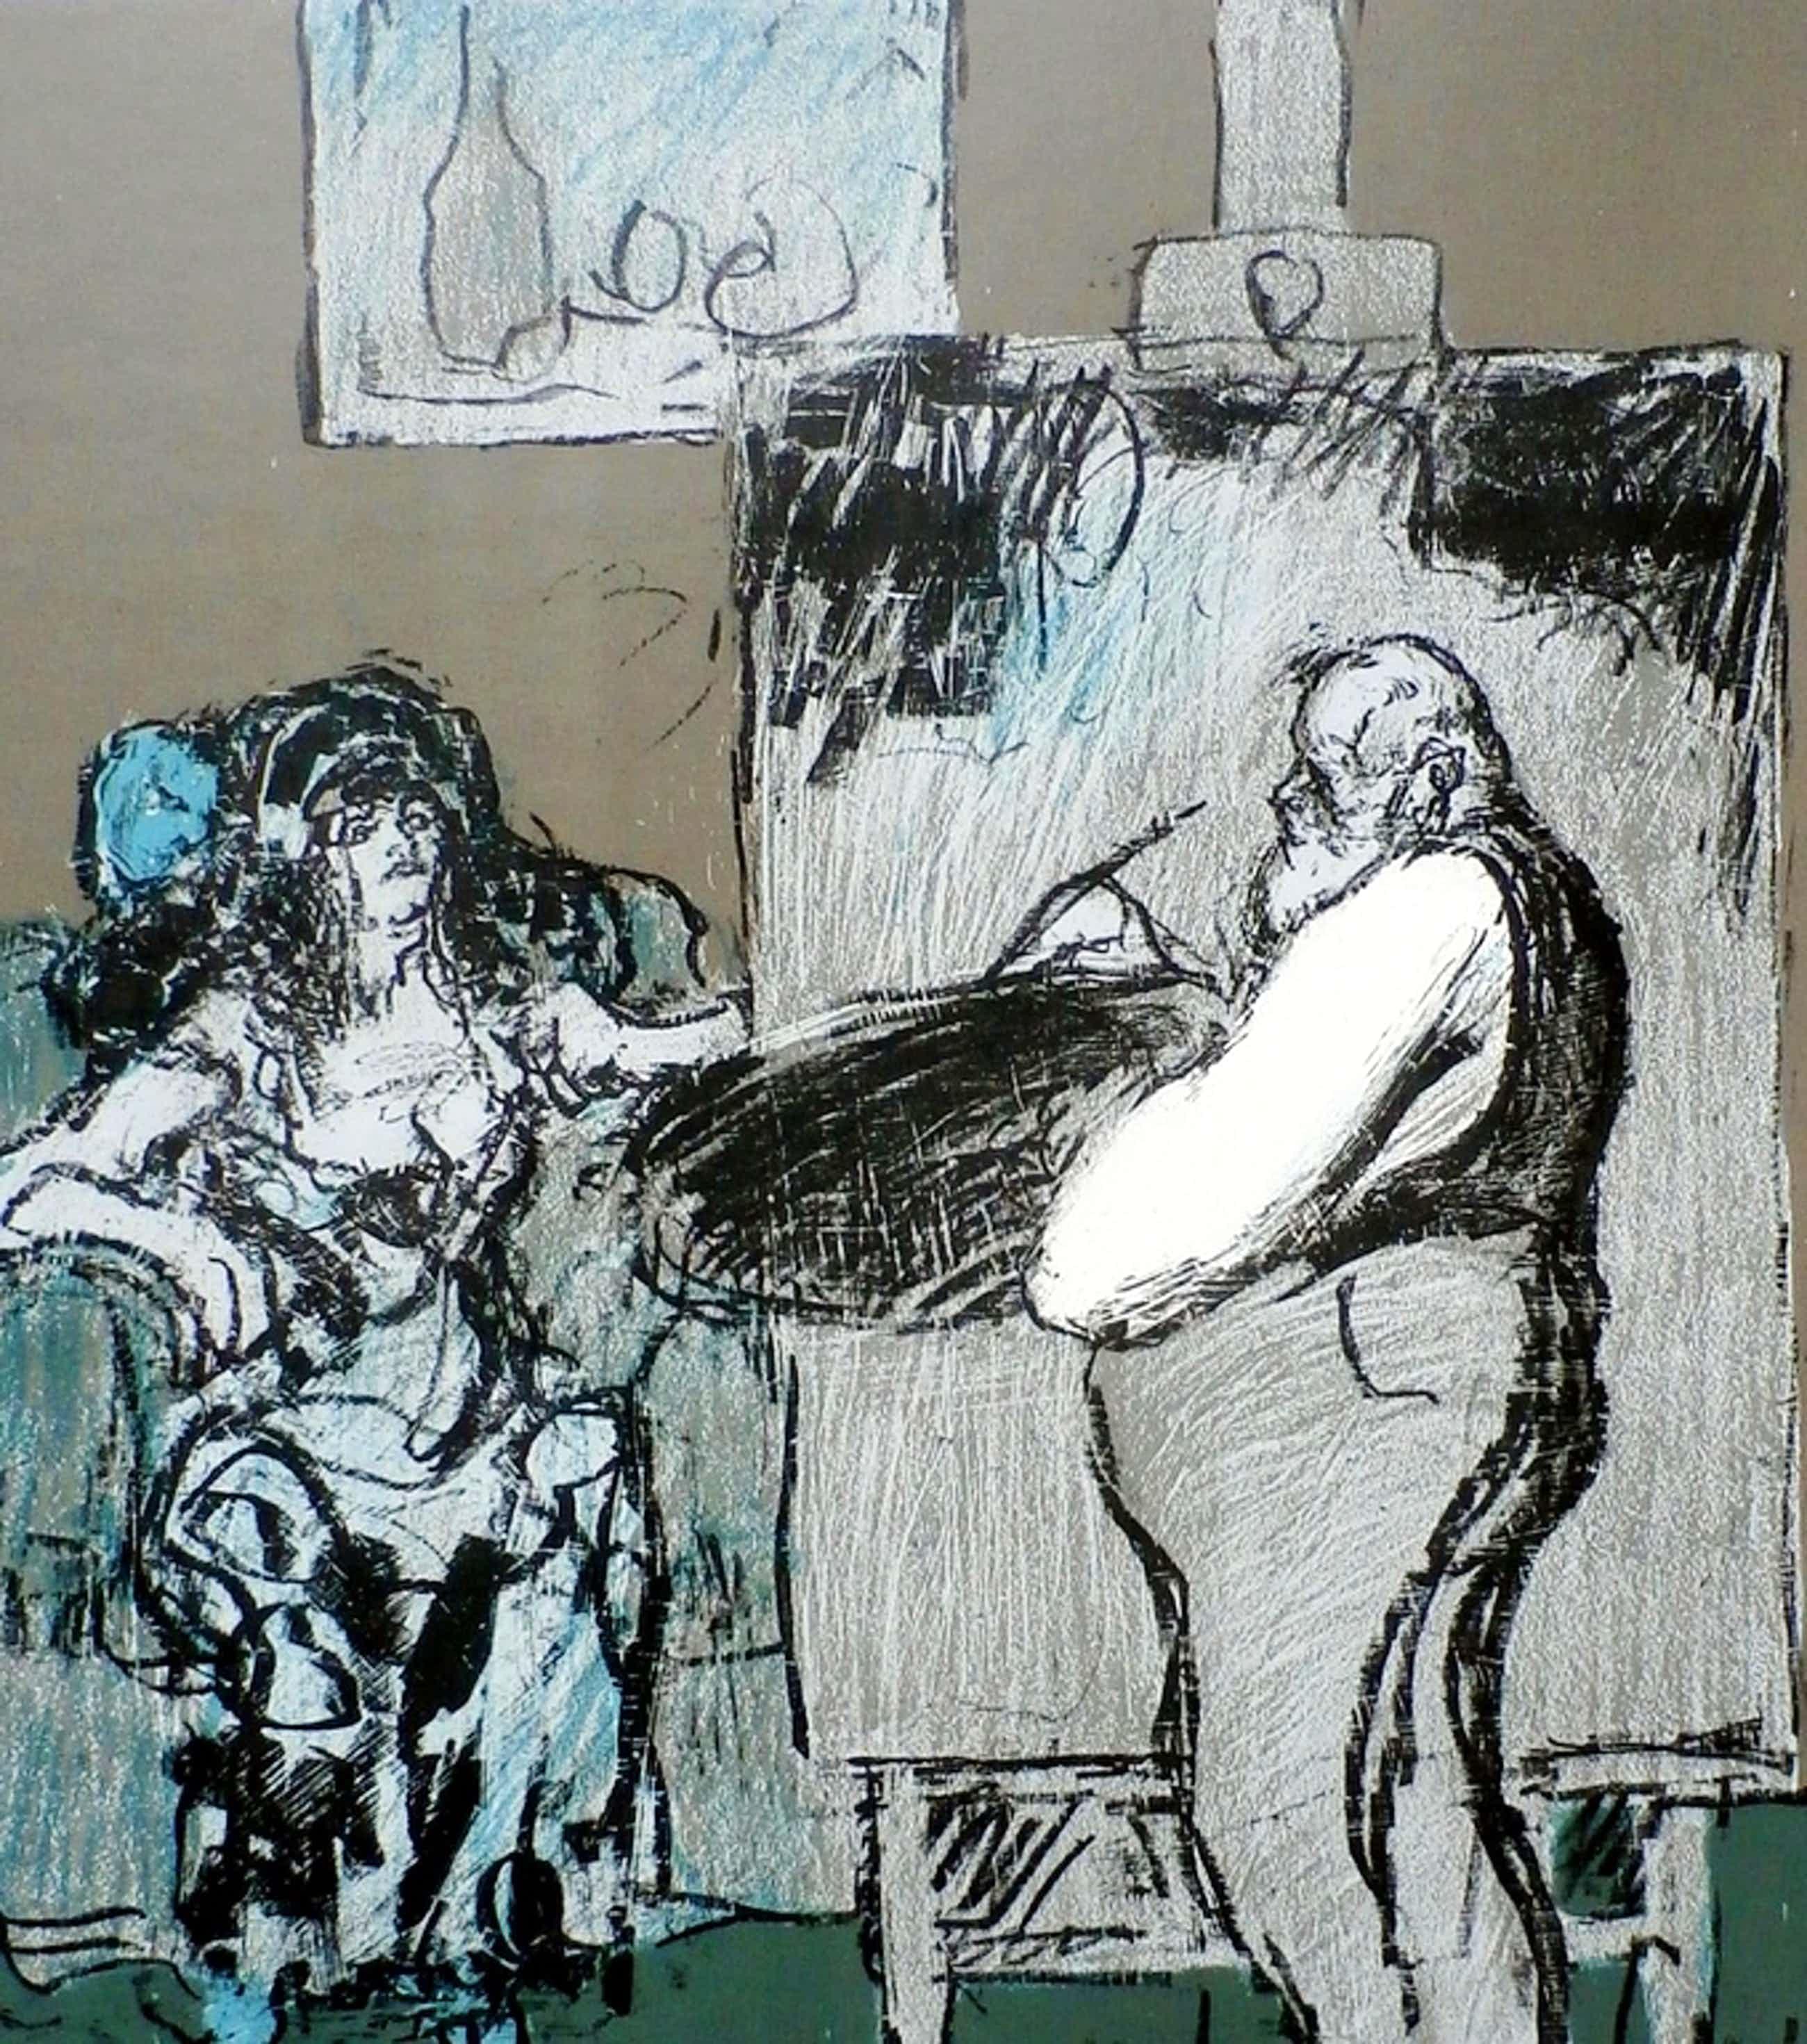 Kurt Löb - Kleurenlitho: de schilder (Kurt Löb) en zijn model - 1978 kopen? Bied vanaf 65!